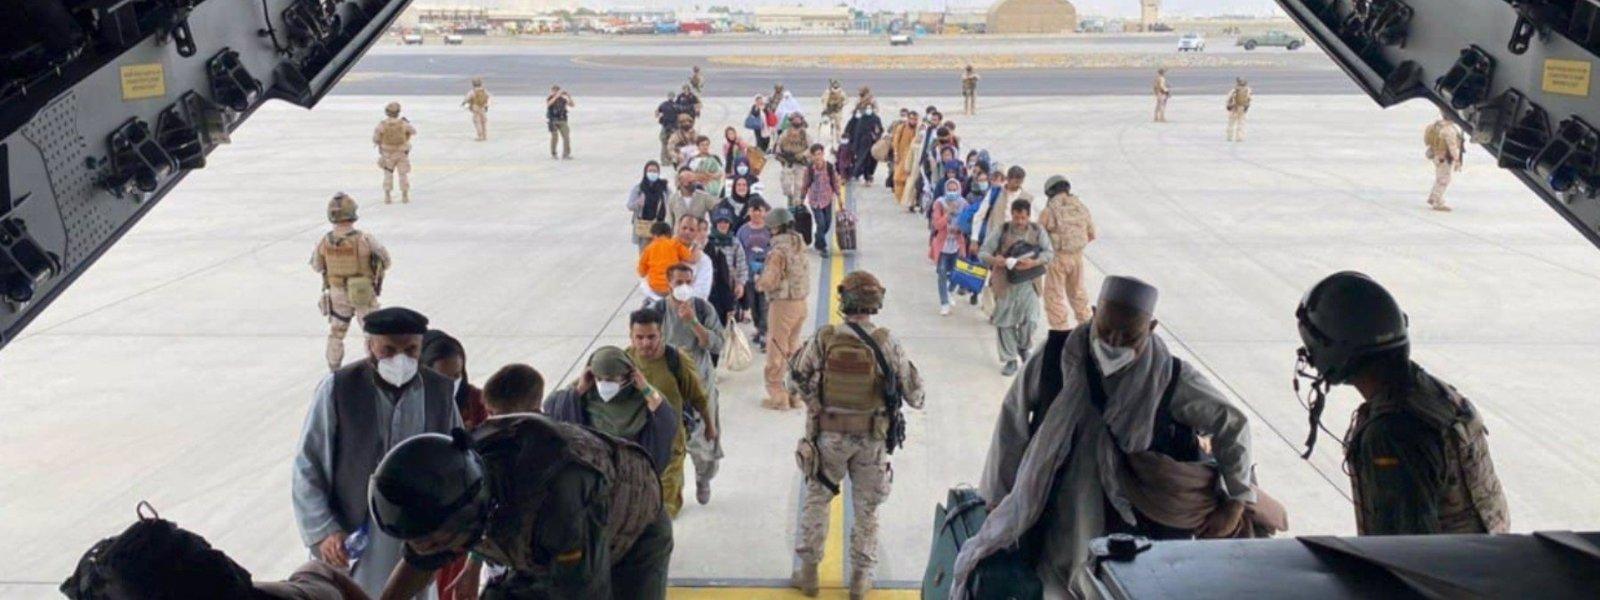 La UE continuará ayudando a los afganos mediante las ONG mientras se pueda